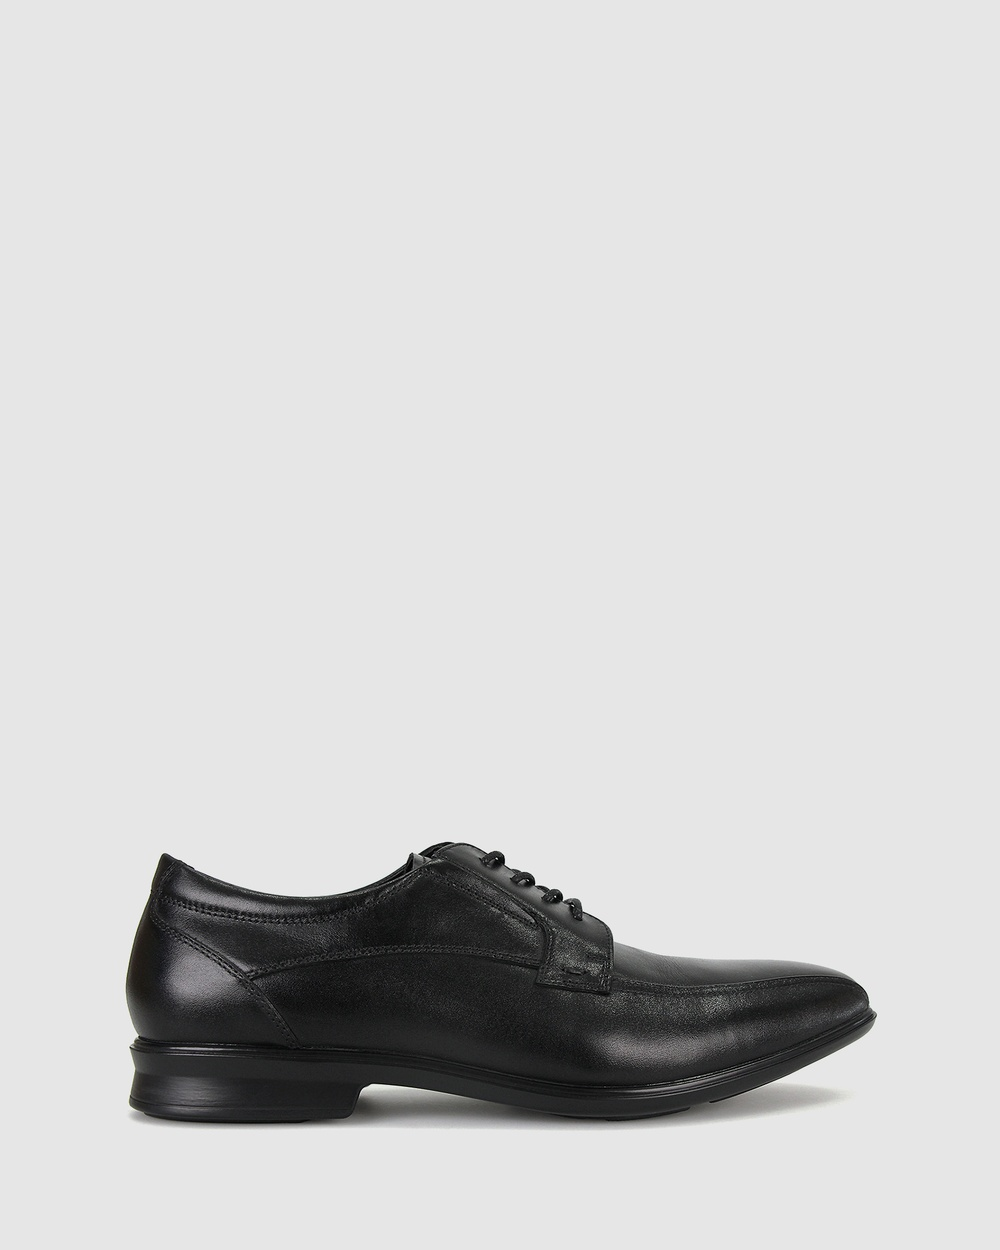 Airflex Lewis Classic Dress Shoes Black